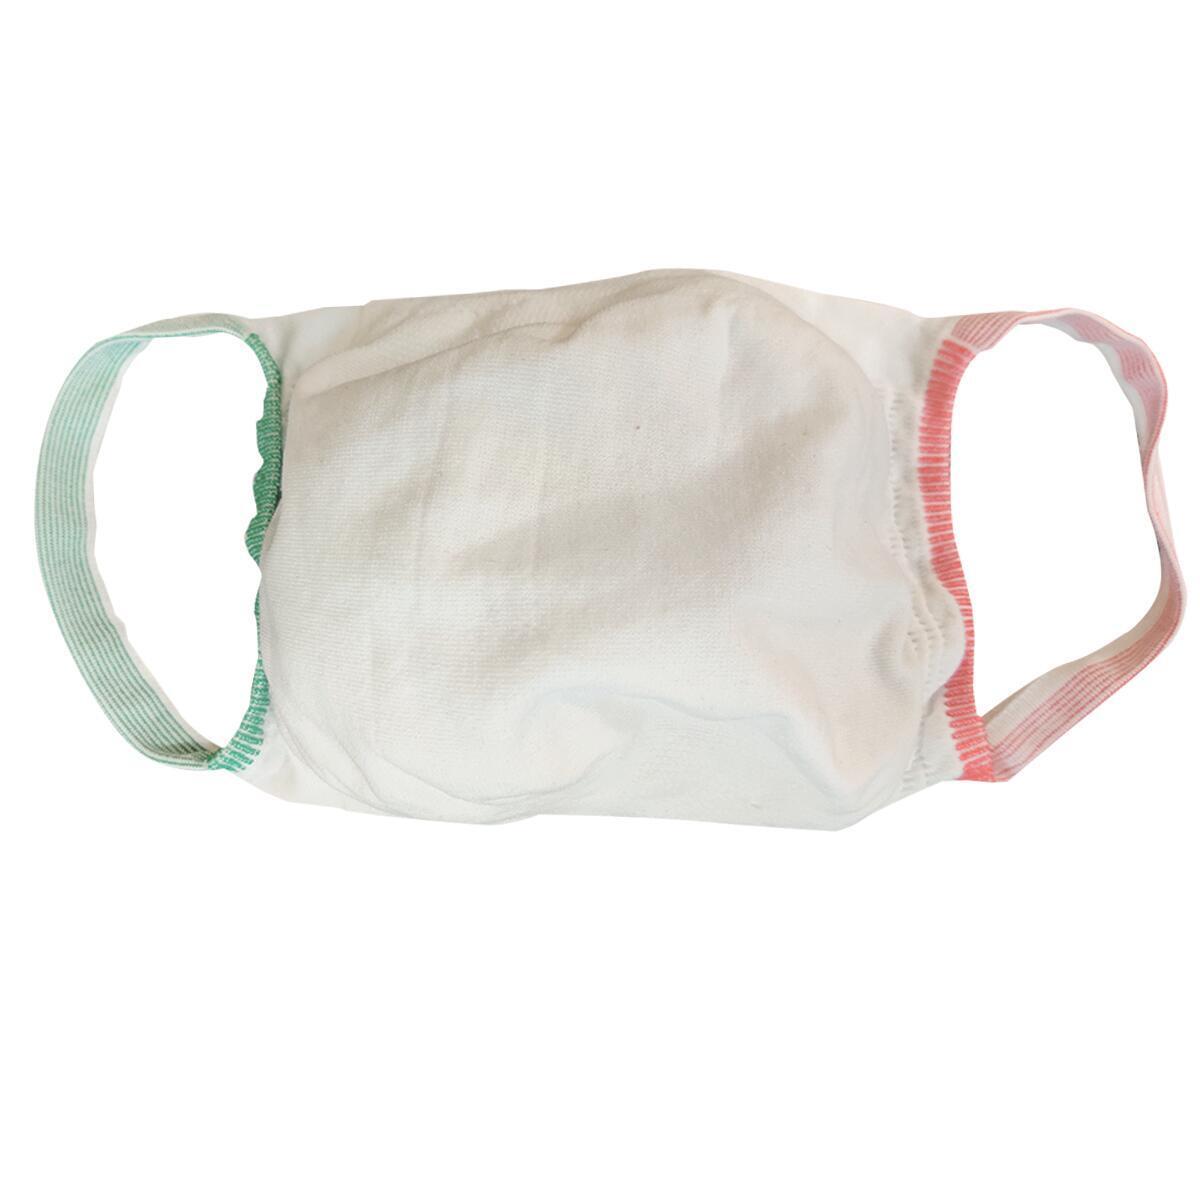 Maschera in tessuto lavabile per utilizzo non sanitario 3 pezzi - 1